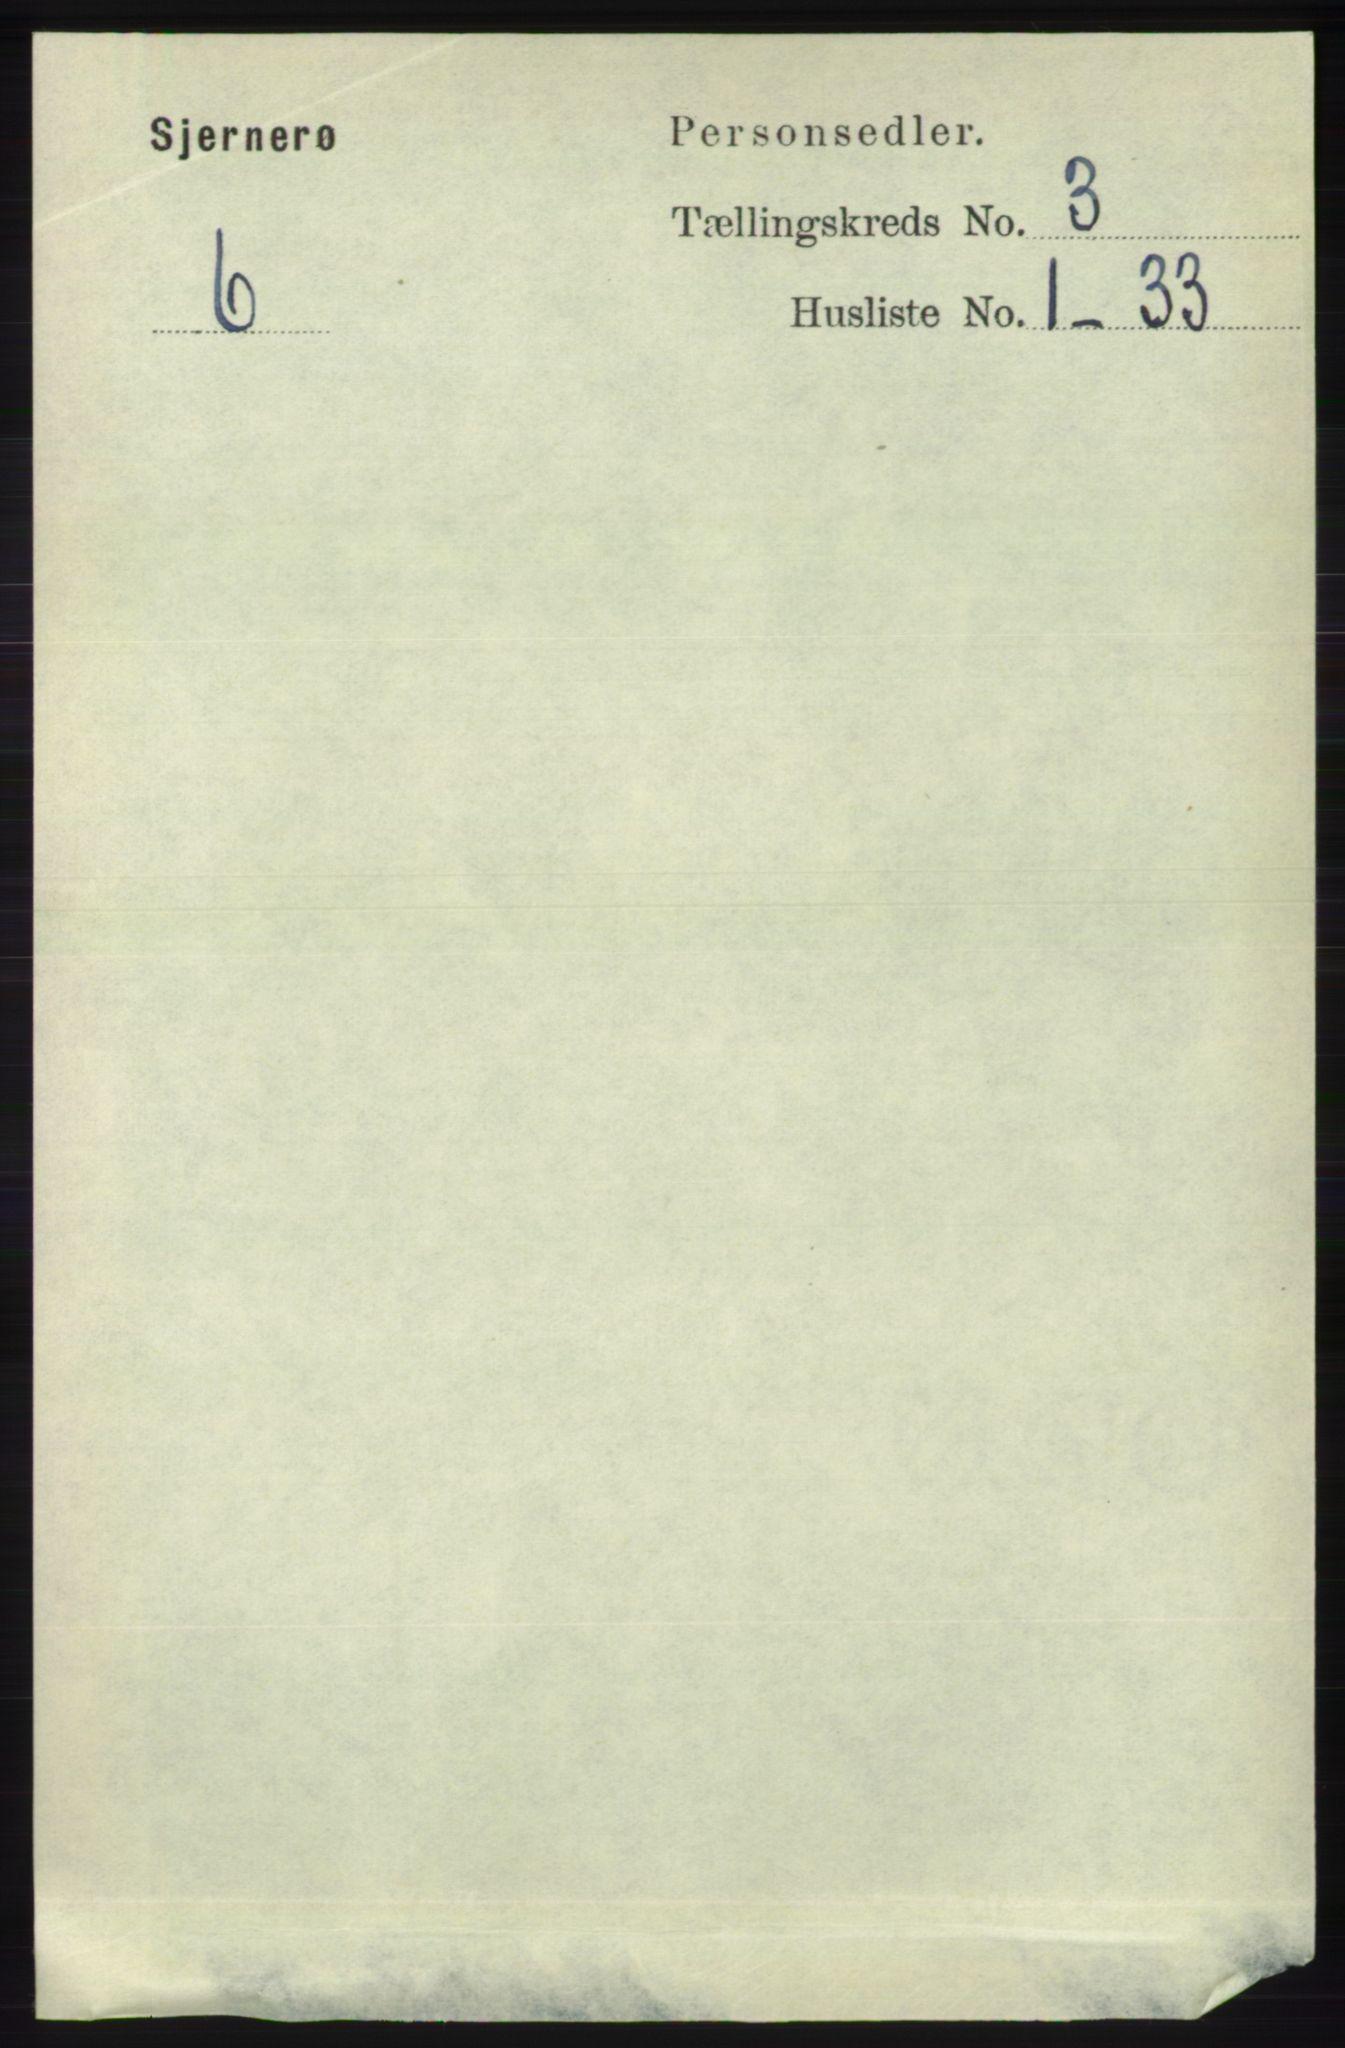 RA, Folketelling 1891 for 1140 Sjernarøy herred, 1891, s. 391